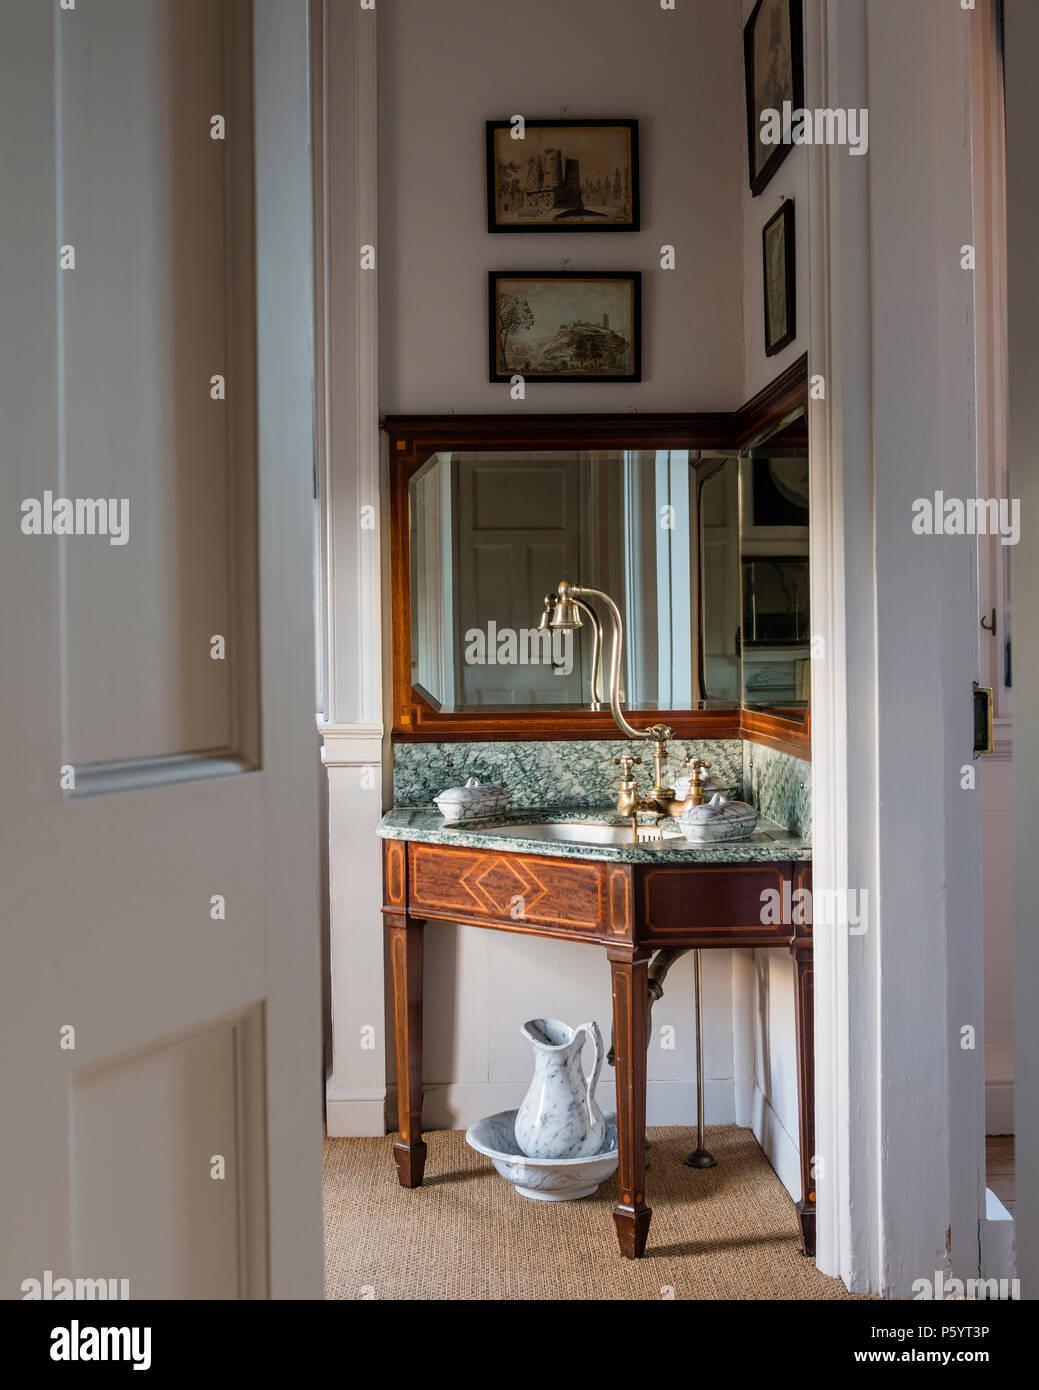 Antike Ecke Waschbecken im Badezimmer Stockfoto, Bild: 210209322 - Alamy